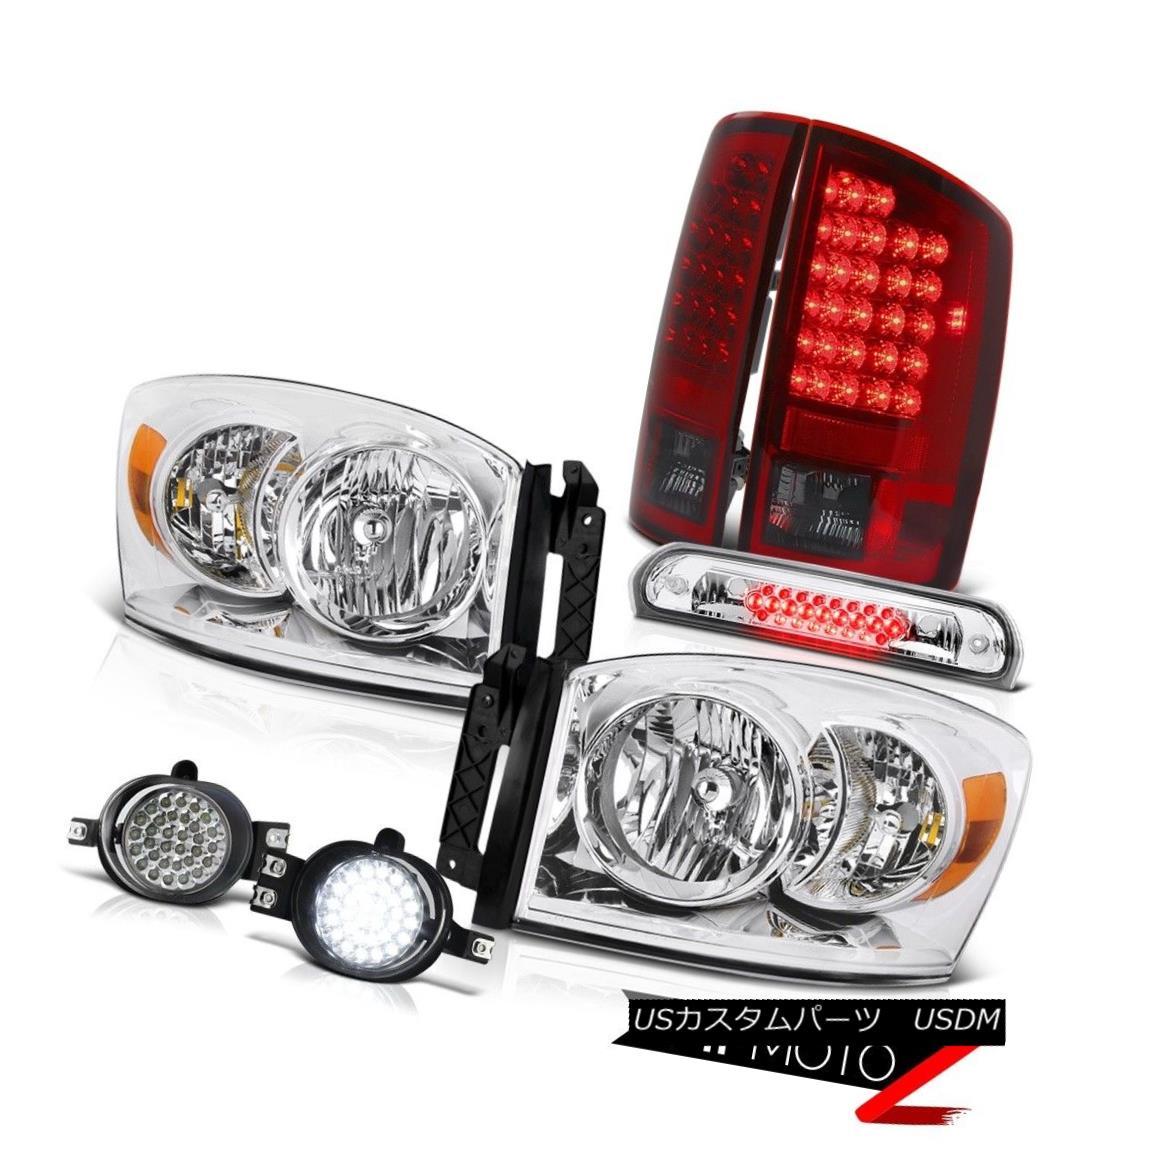 テールライト Crystal Headlight Red LED Taillights D.R.L Fog High Brake Cargo 06 Dodge Ram SLT クリスタルヘッドライトレッドLEDテールライトD.R.Lフォグハイブレーキキャロ06 Dodge Ram SLT